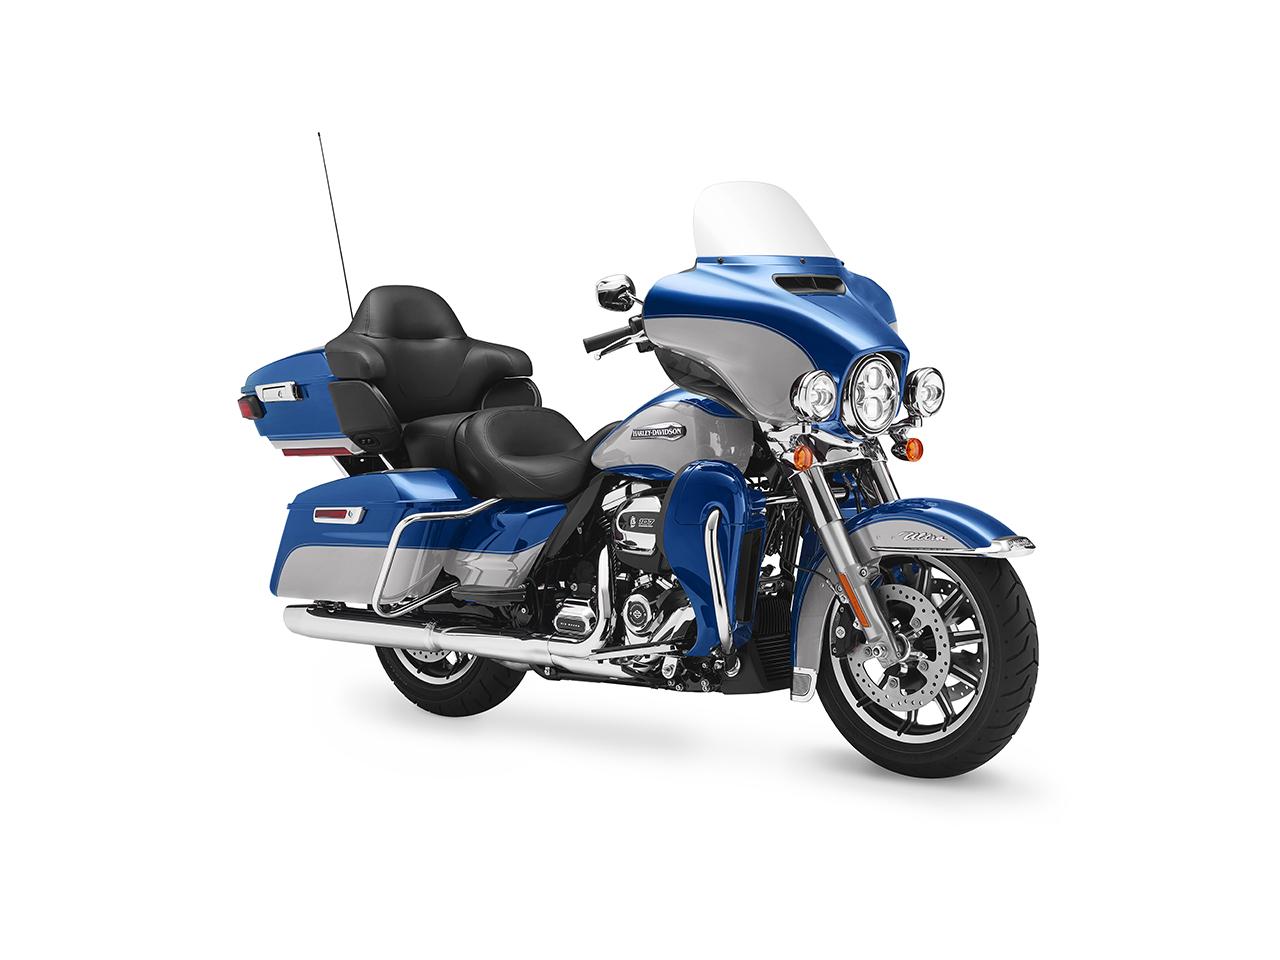 2018 Harley-Davidson Ultra Limited Image